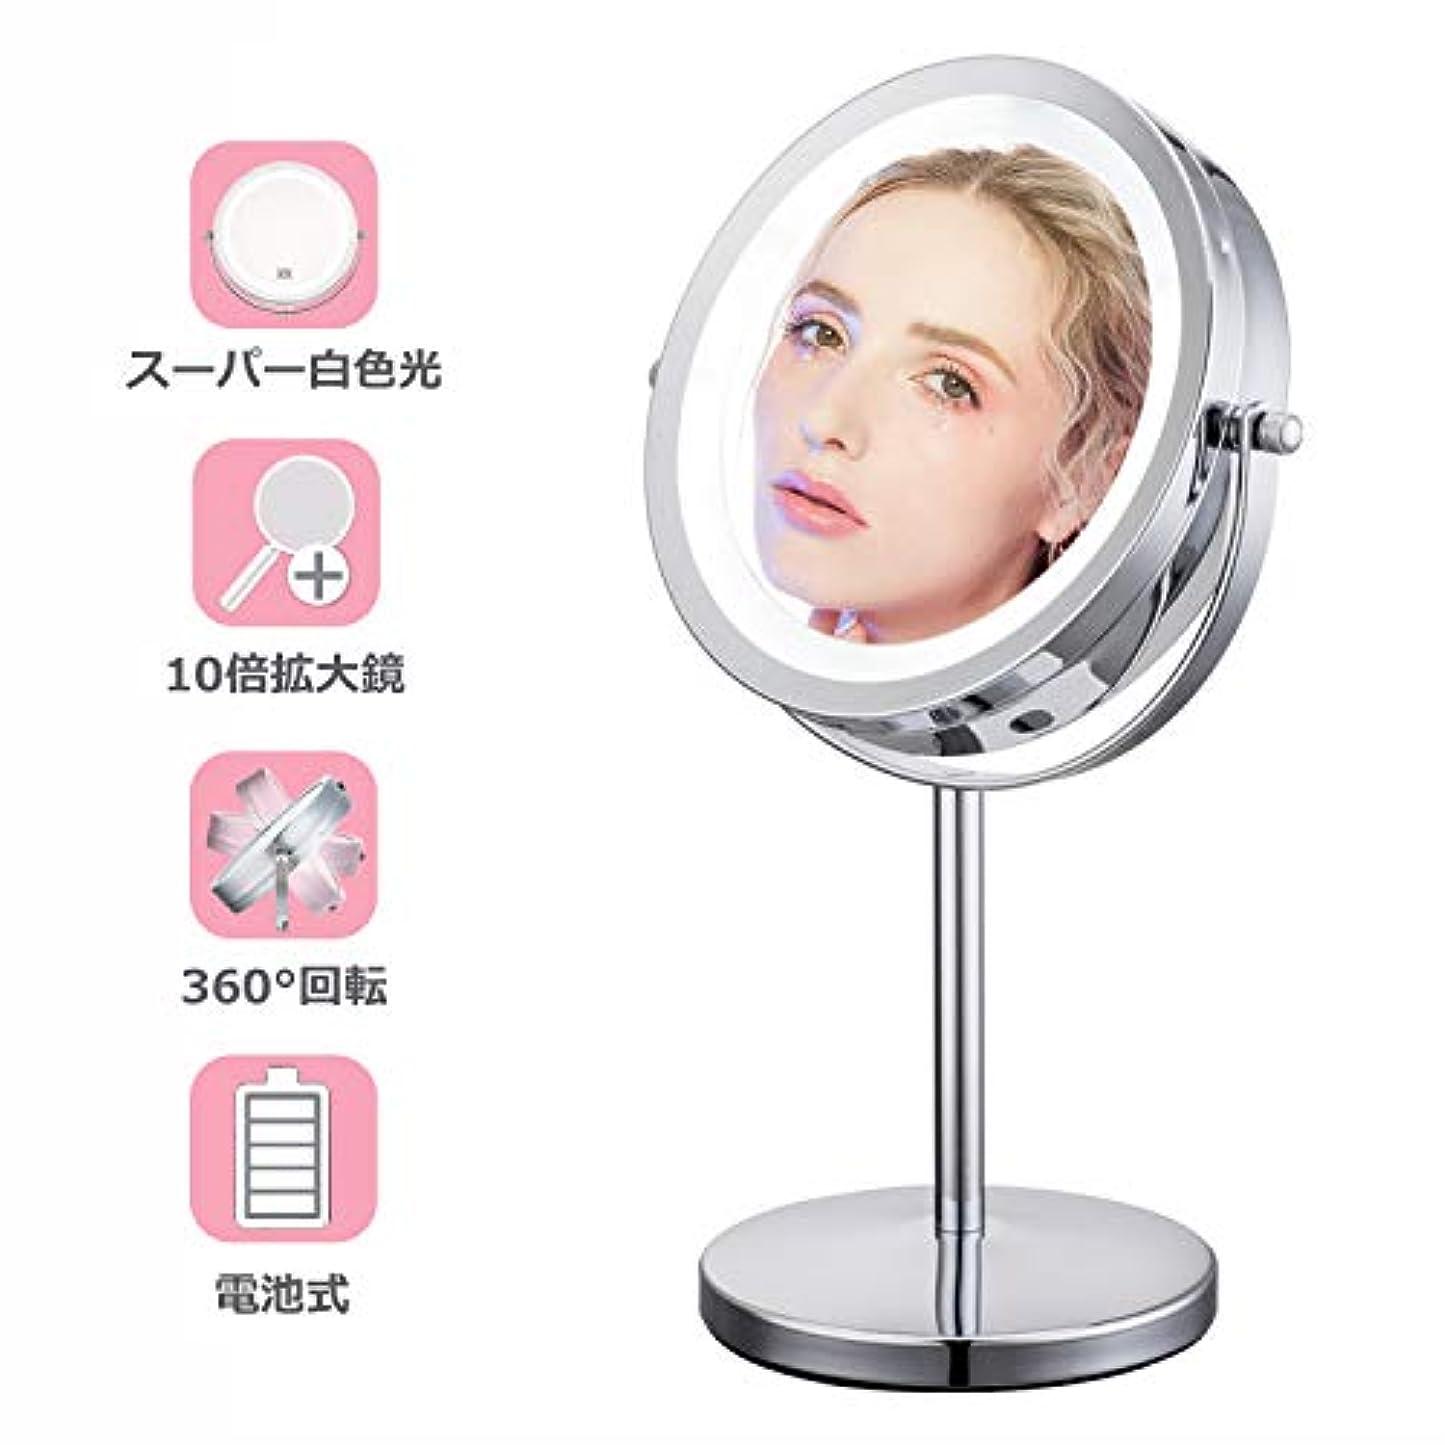 10倍拡大鏡 LEDライト付き 真実の両面鏡 360度回転 卓上鏡 スタンドミラー メイク 化粧道具 【Jeking】